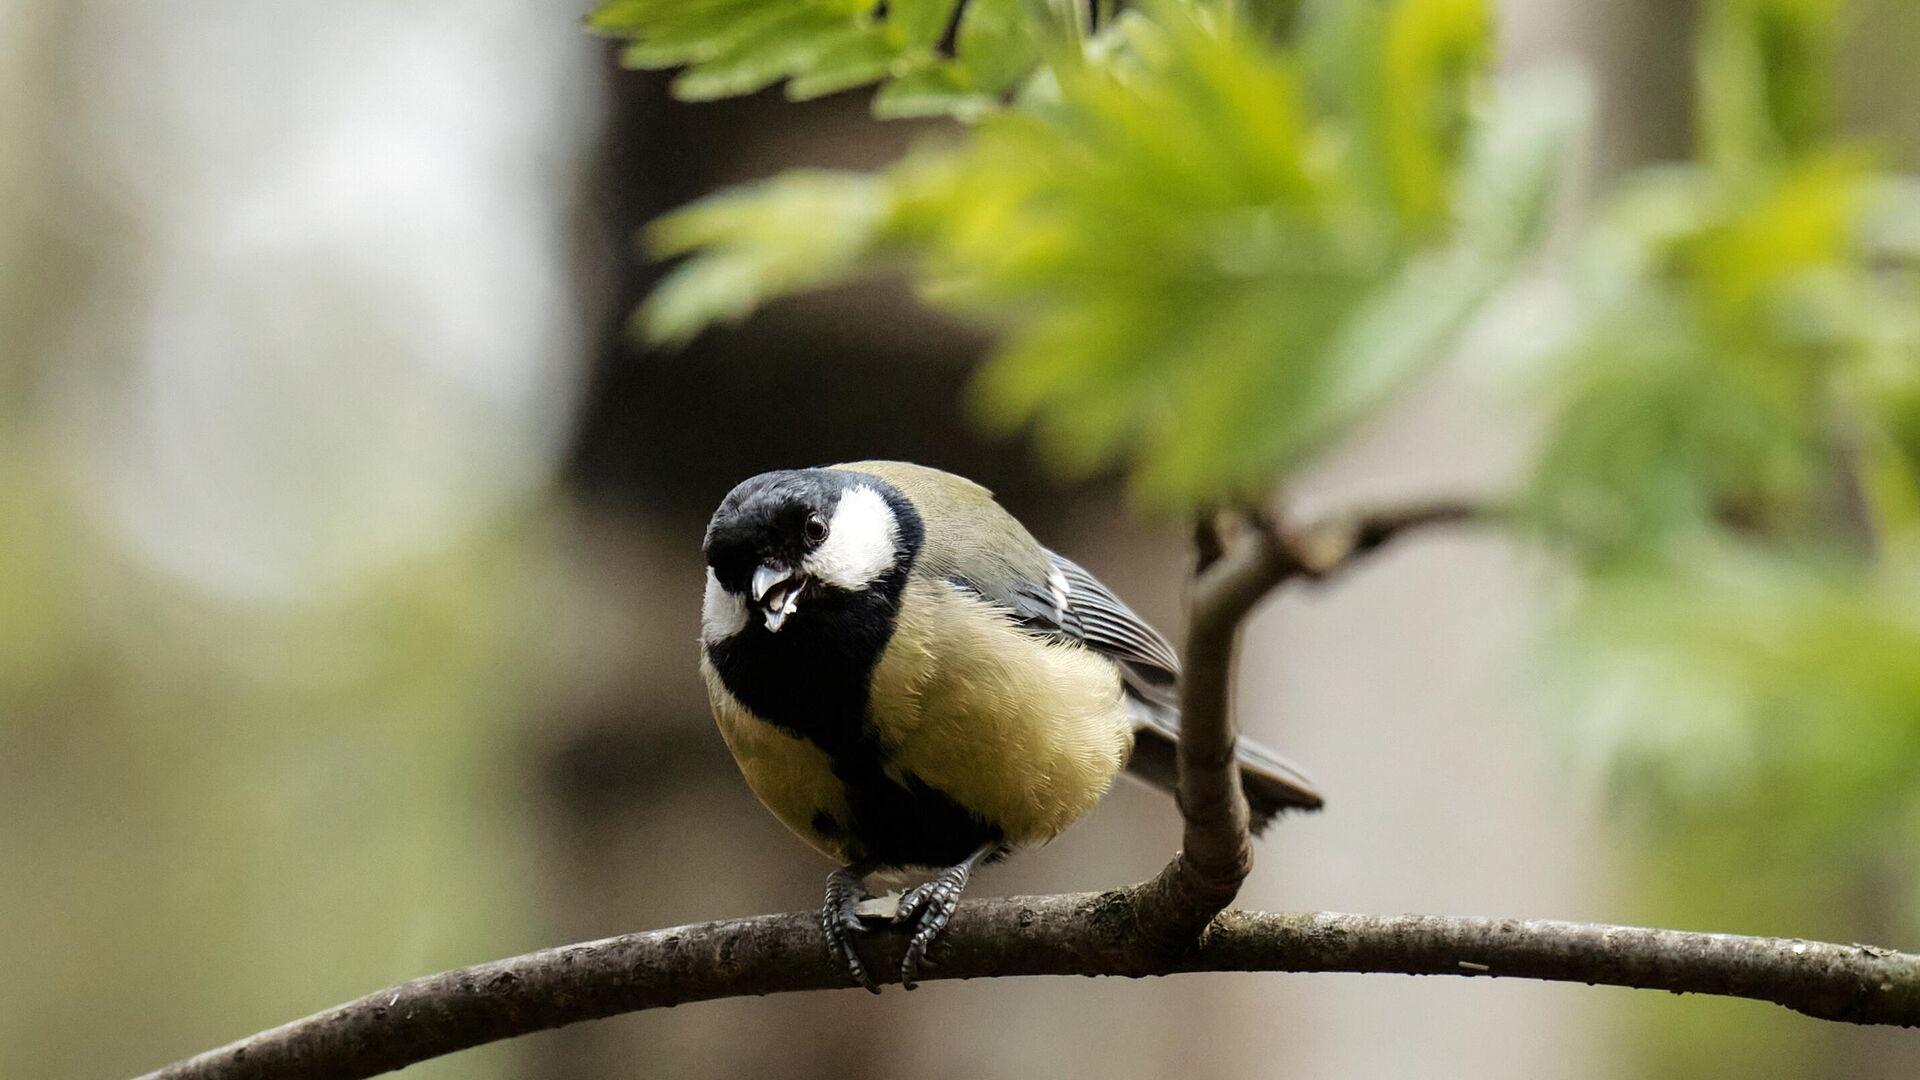 Ученые зафиксировали новый рекорд скорости полета птиц